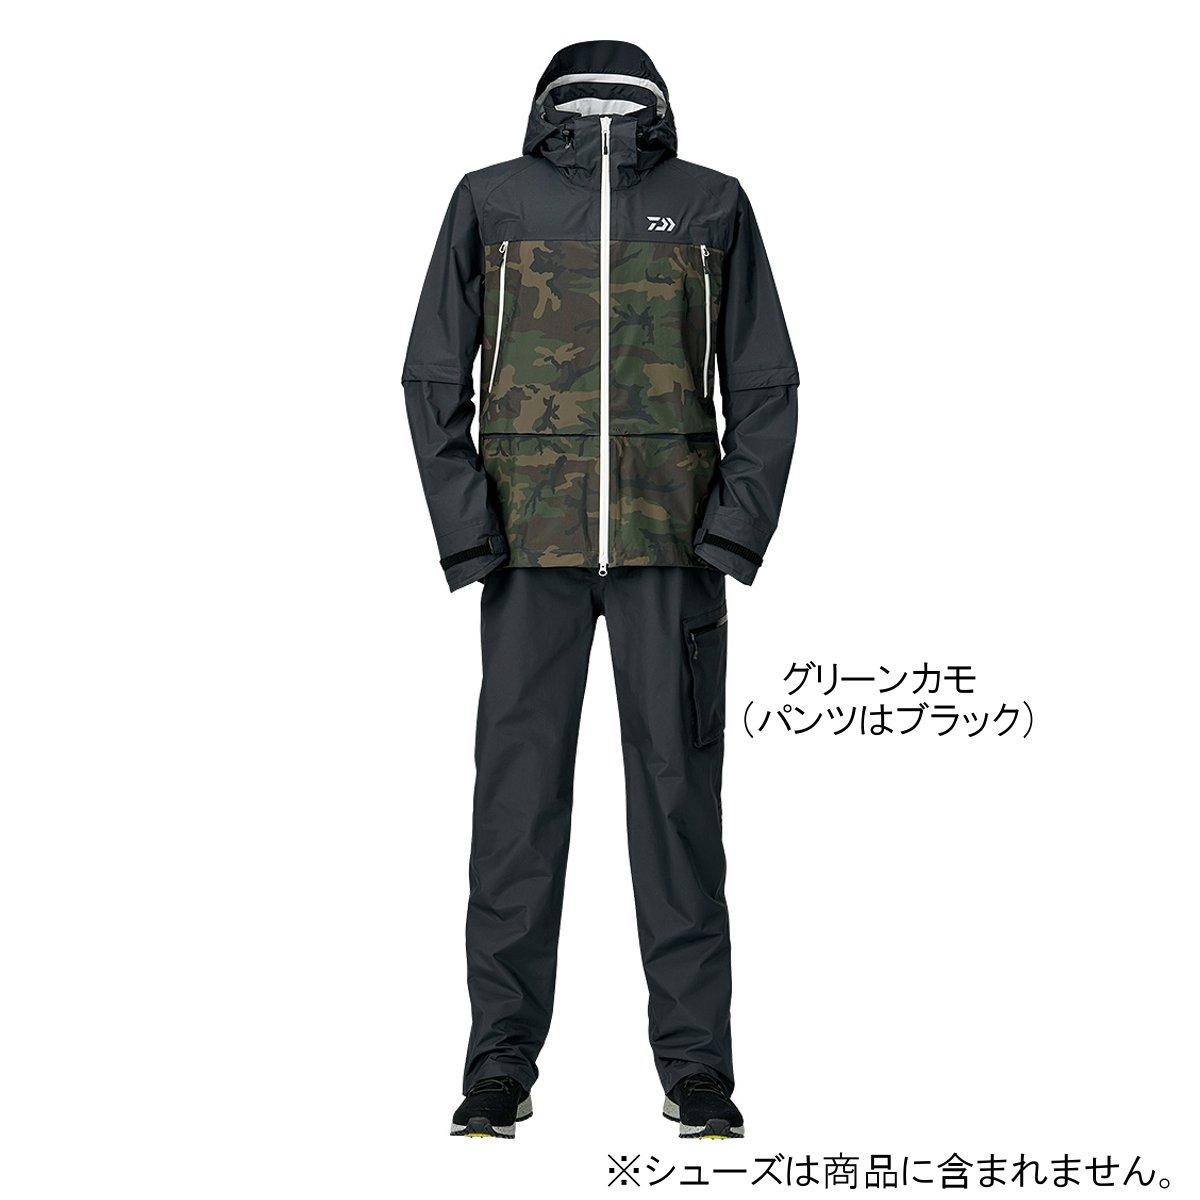 ダイワ レインマックス デタッチャブルレインスーツ DR-30009 XL グリーンカモ【送料無料】